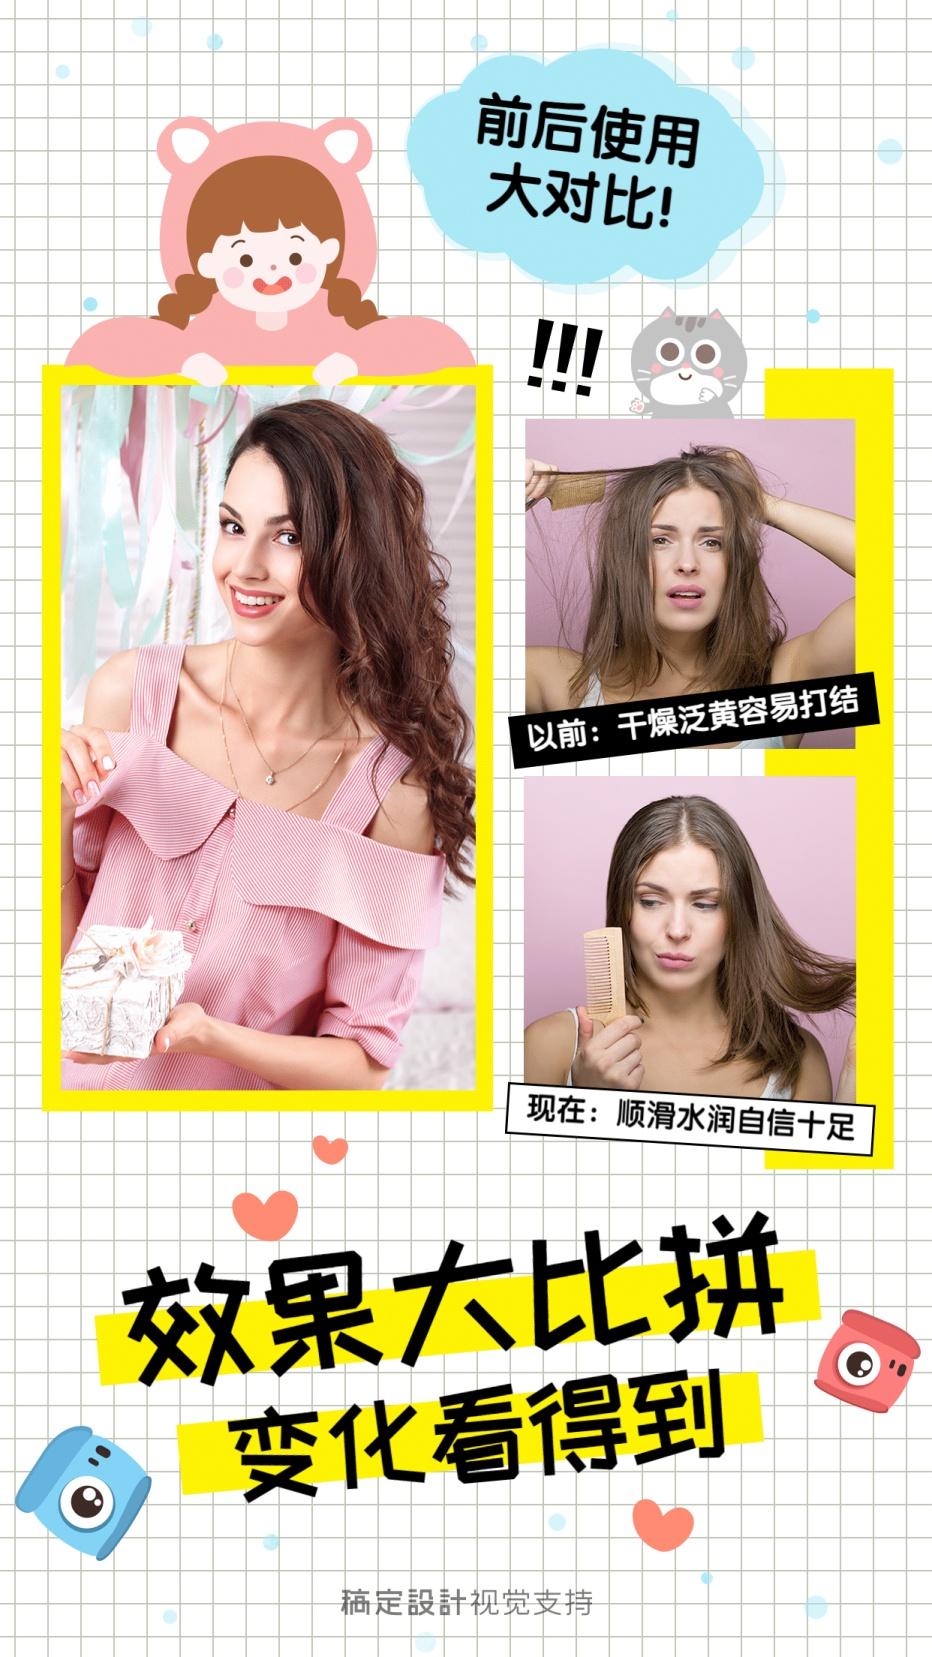 美容美妆产品使用前后对比图